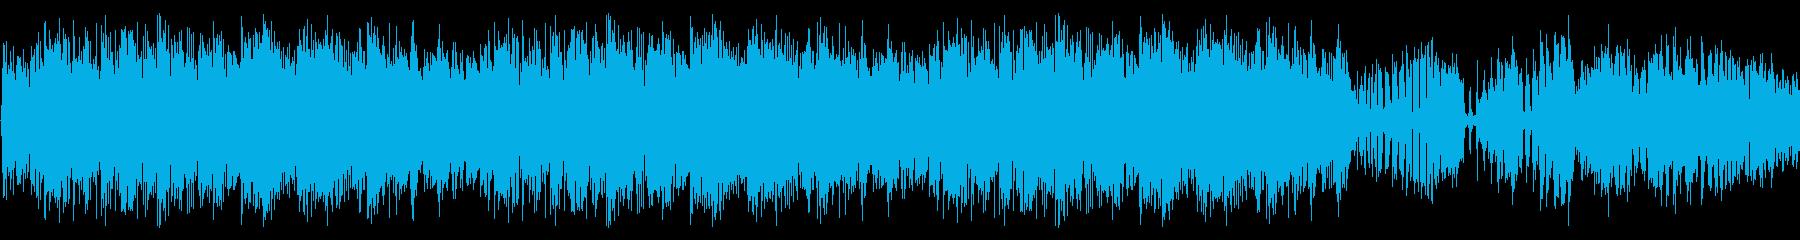 【ホラー/ダークファンタジー/予感】の再生済みの波形